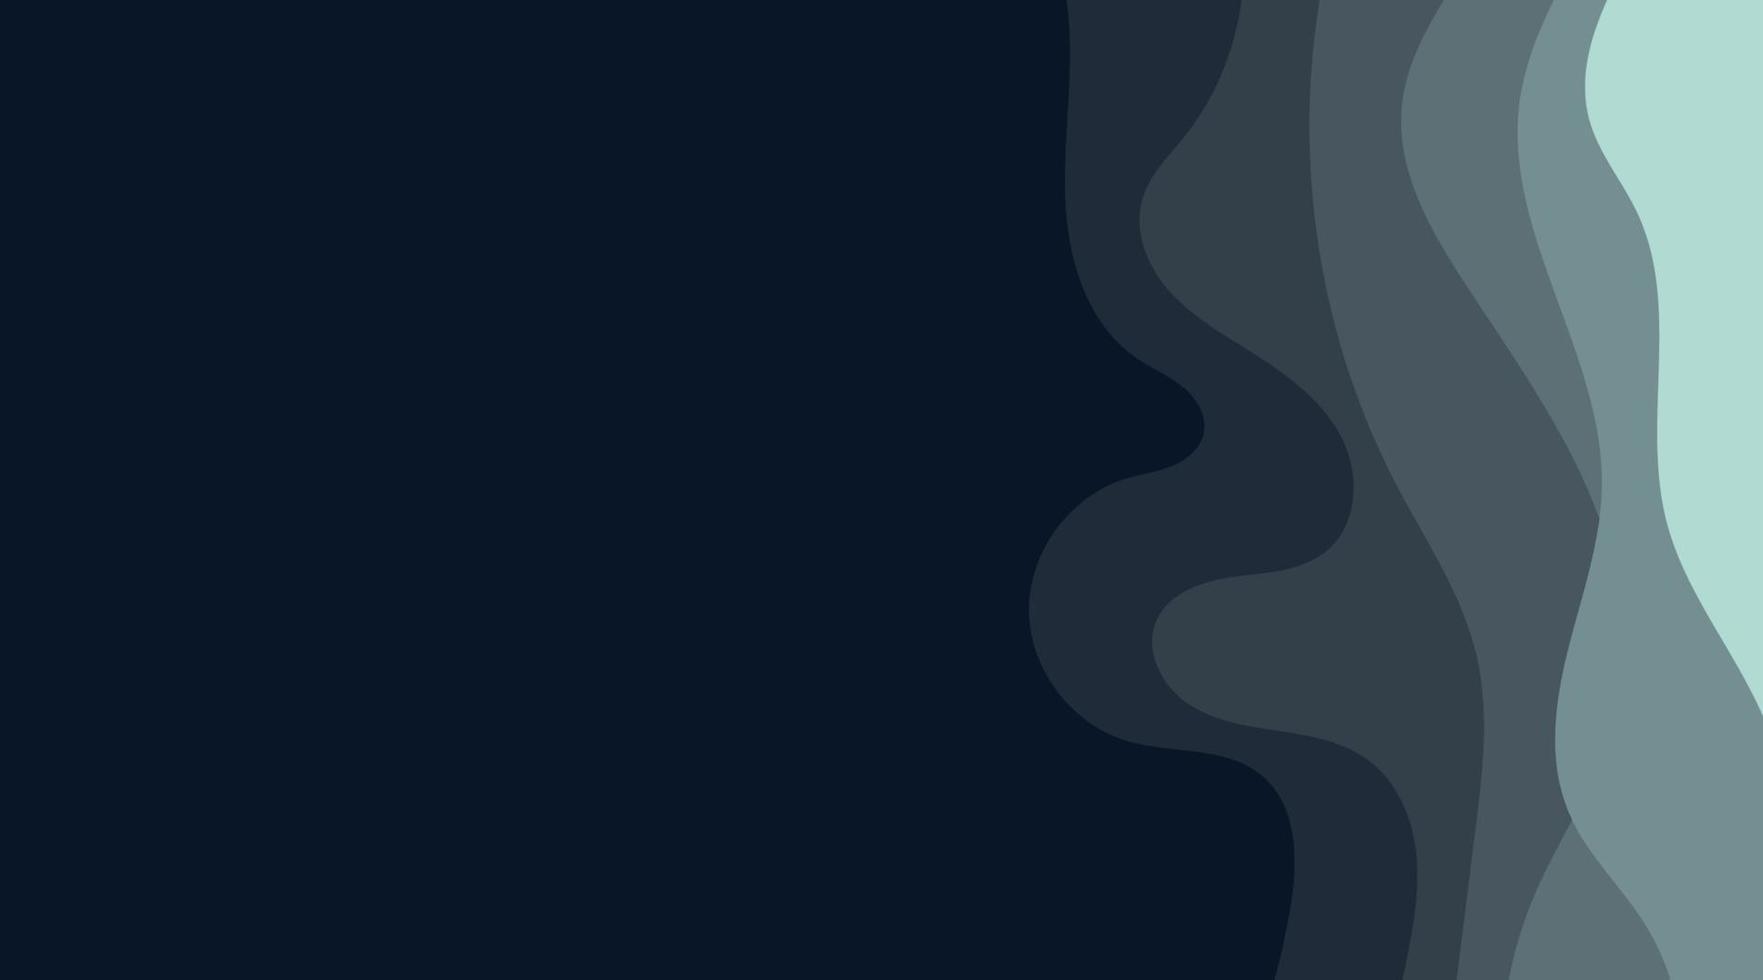 abstracte achtergrond met diepe golfstijl. vector ontwerp afbeelding achtergrond